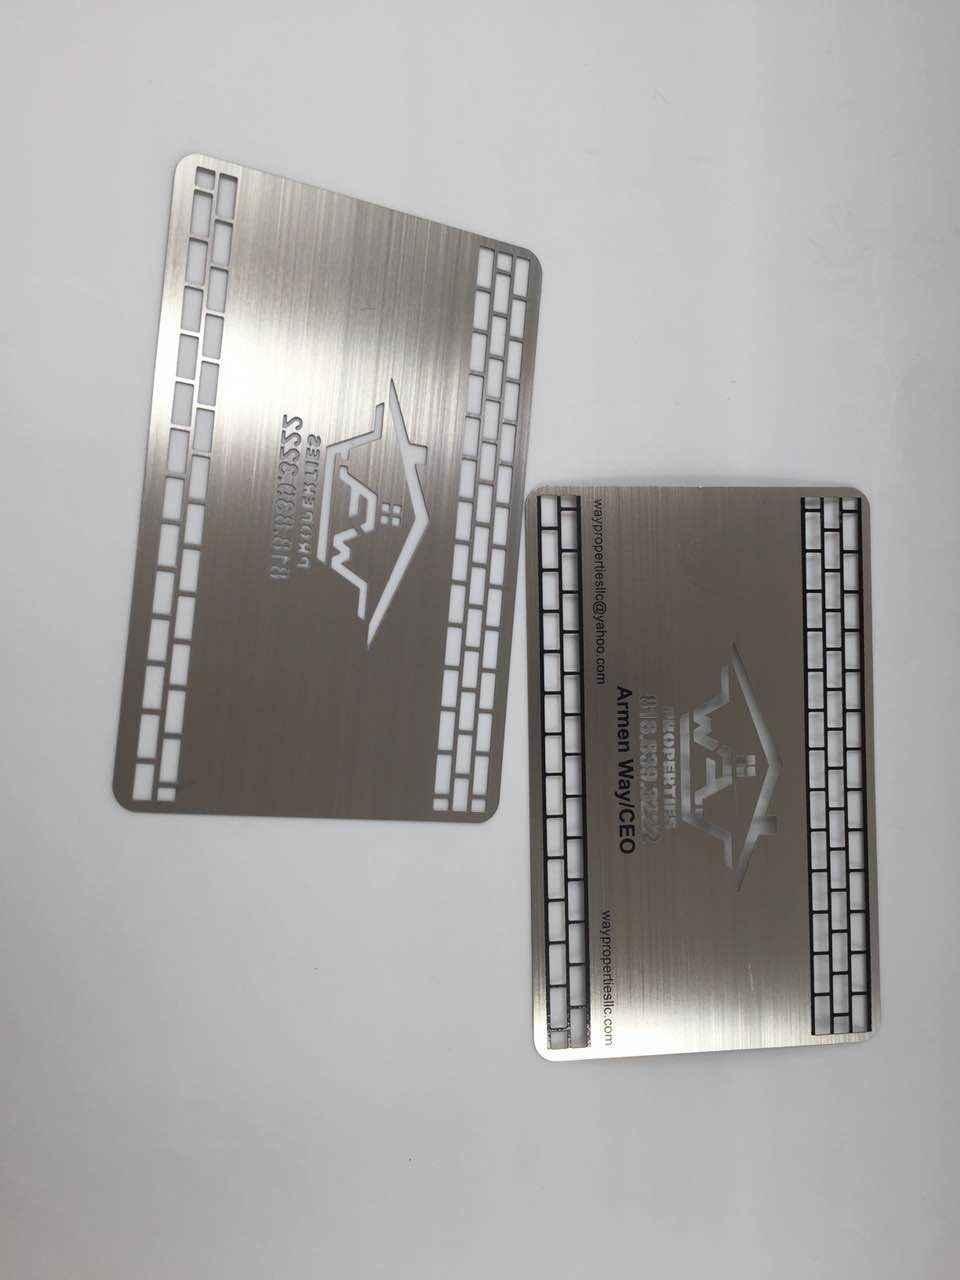 100 pezzi/lottp Inciso parole In Acciaio Inox Biglietto Da Visita di Metallo entrambi i lati con effetto a specchio